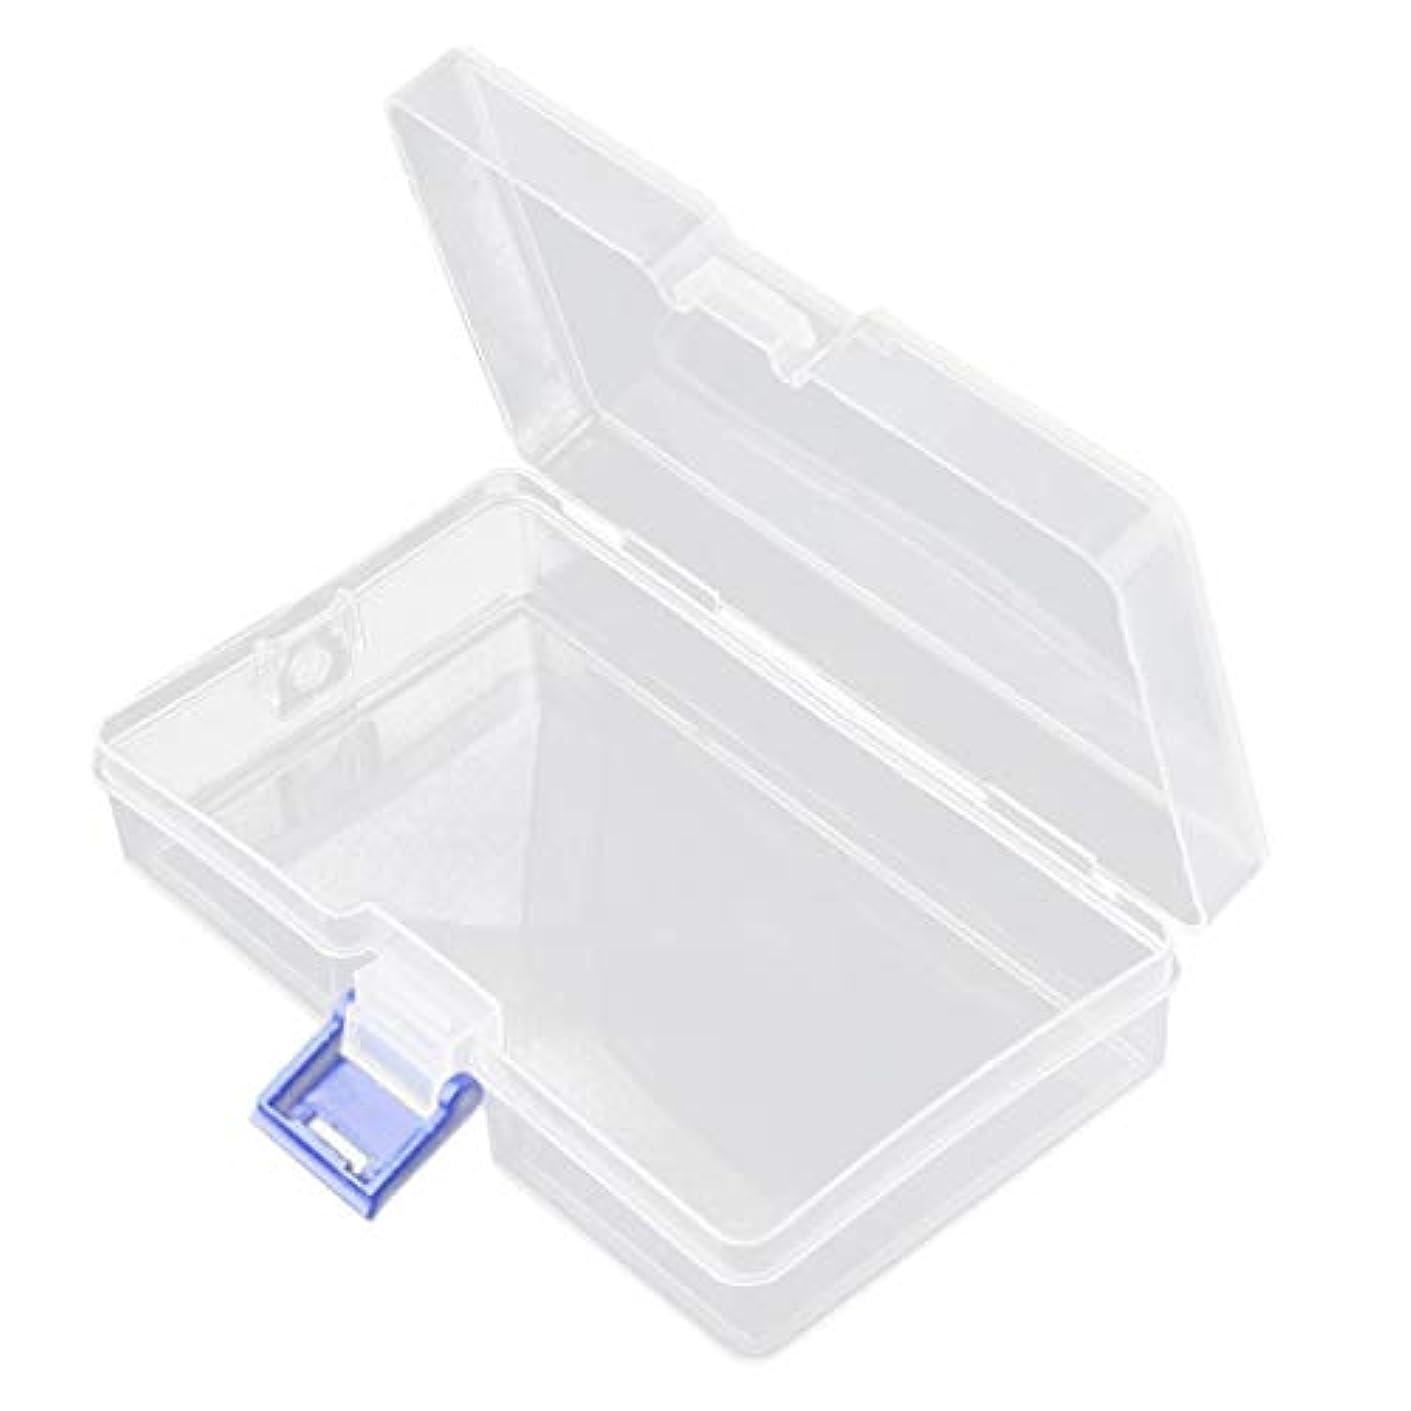 争うコマース要件CUTICATE ネイルアート用品収納 ボックス アクセサリー収納 パーツケース ジュエリー 小物整理 ふた付